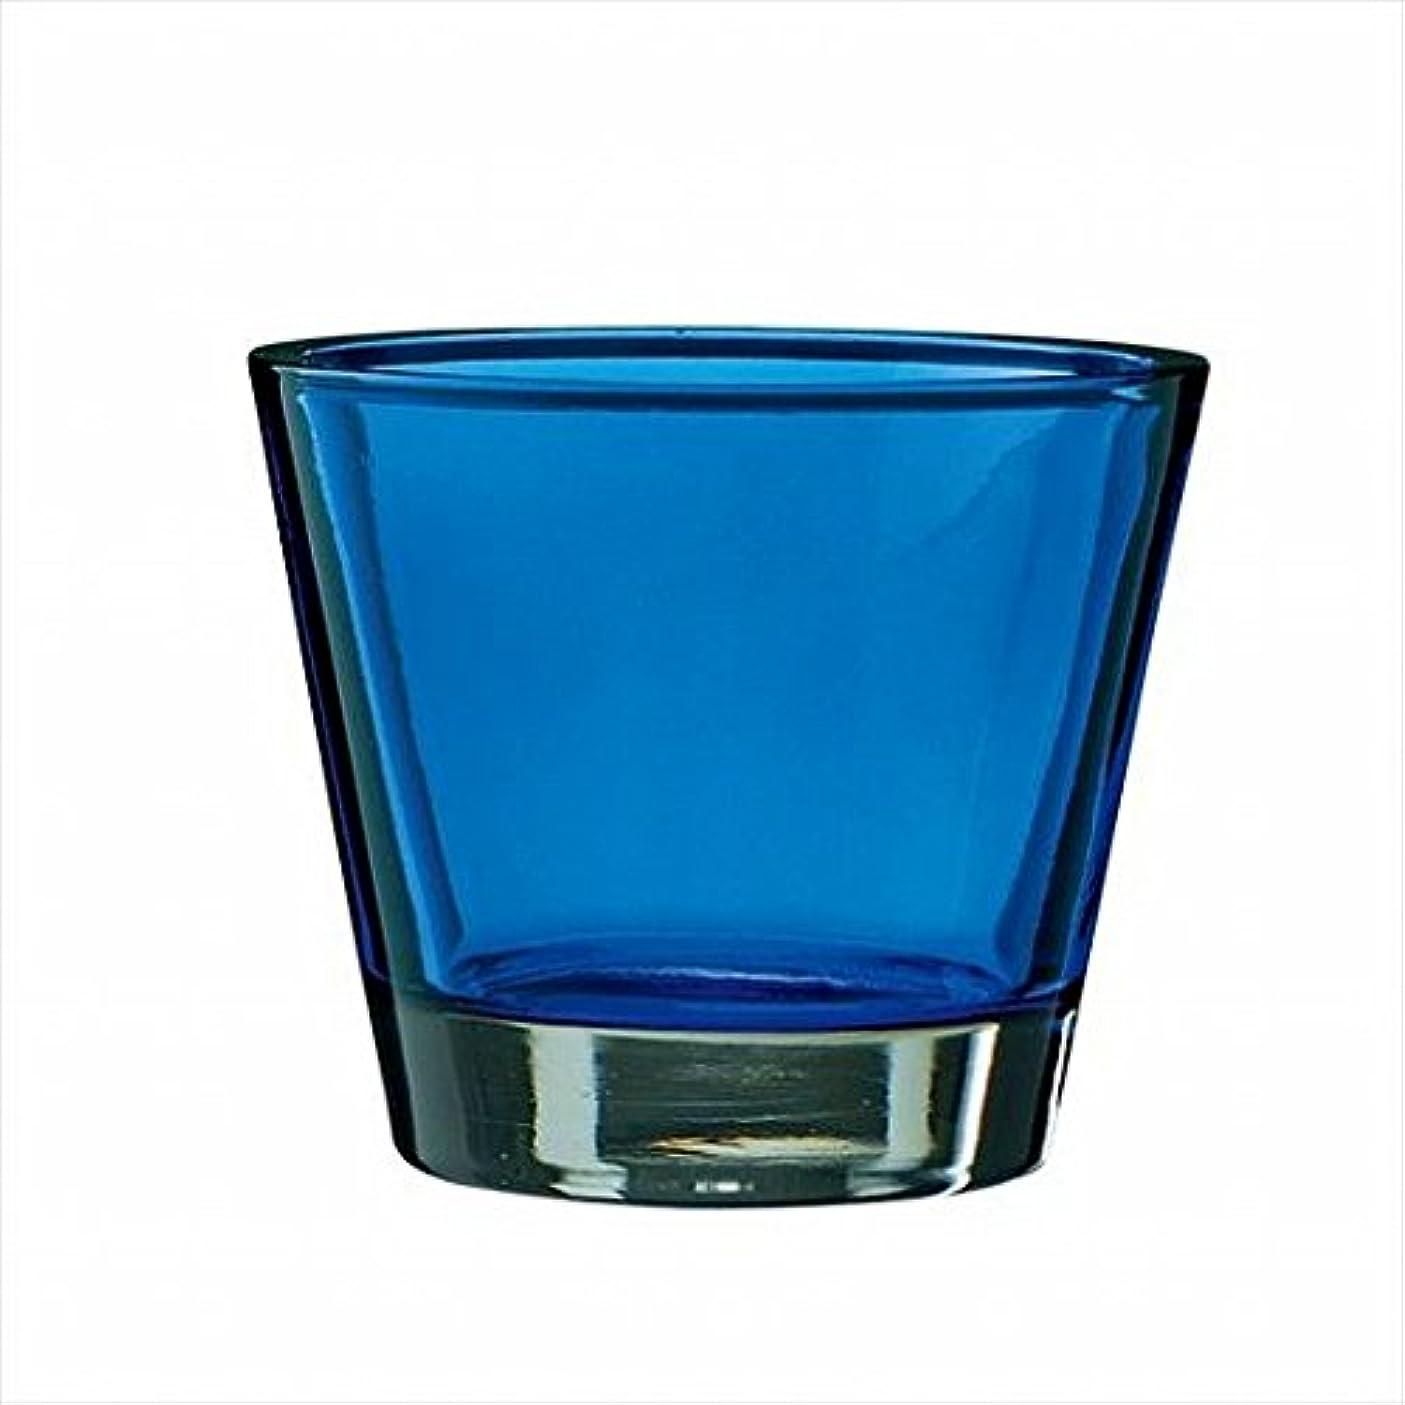 品種古風な豊かなkameyama candle(カメヤマキャンドル) カラリス 「 ブルー 」 キャンドル 82x82x70mm (J2540000B)